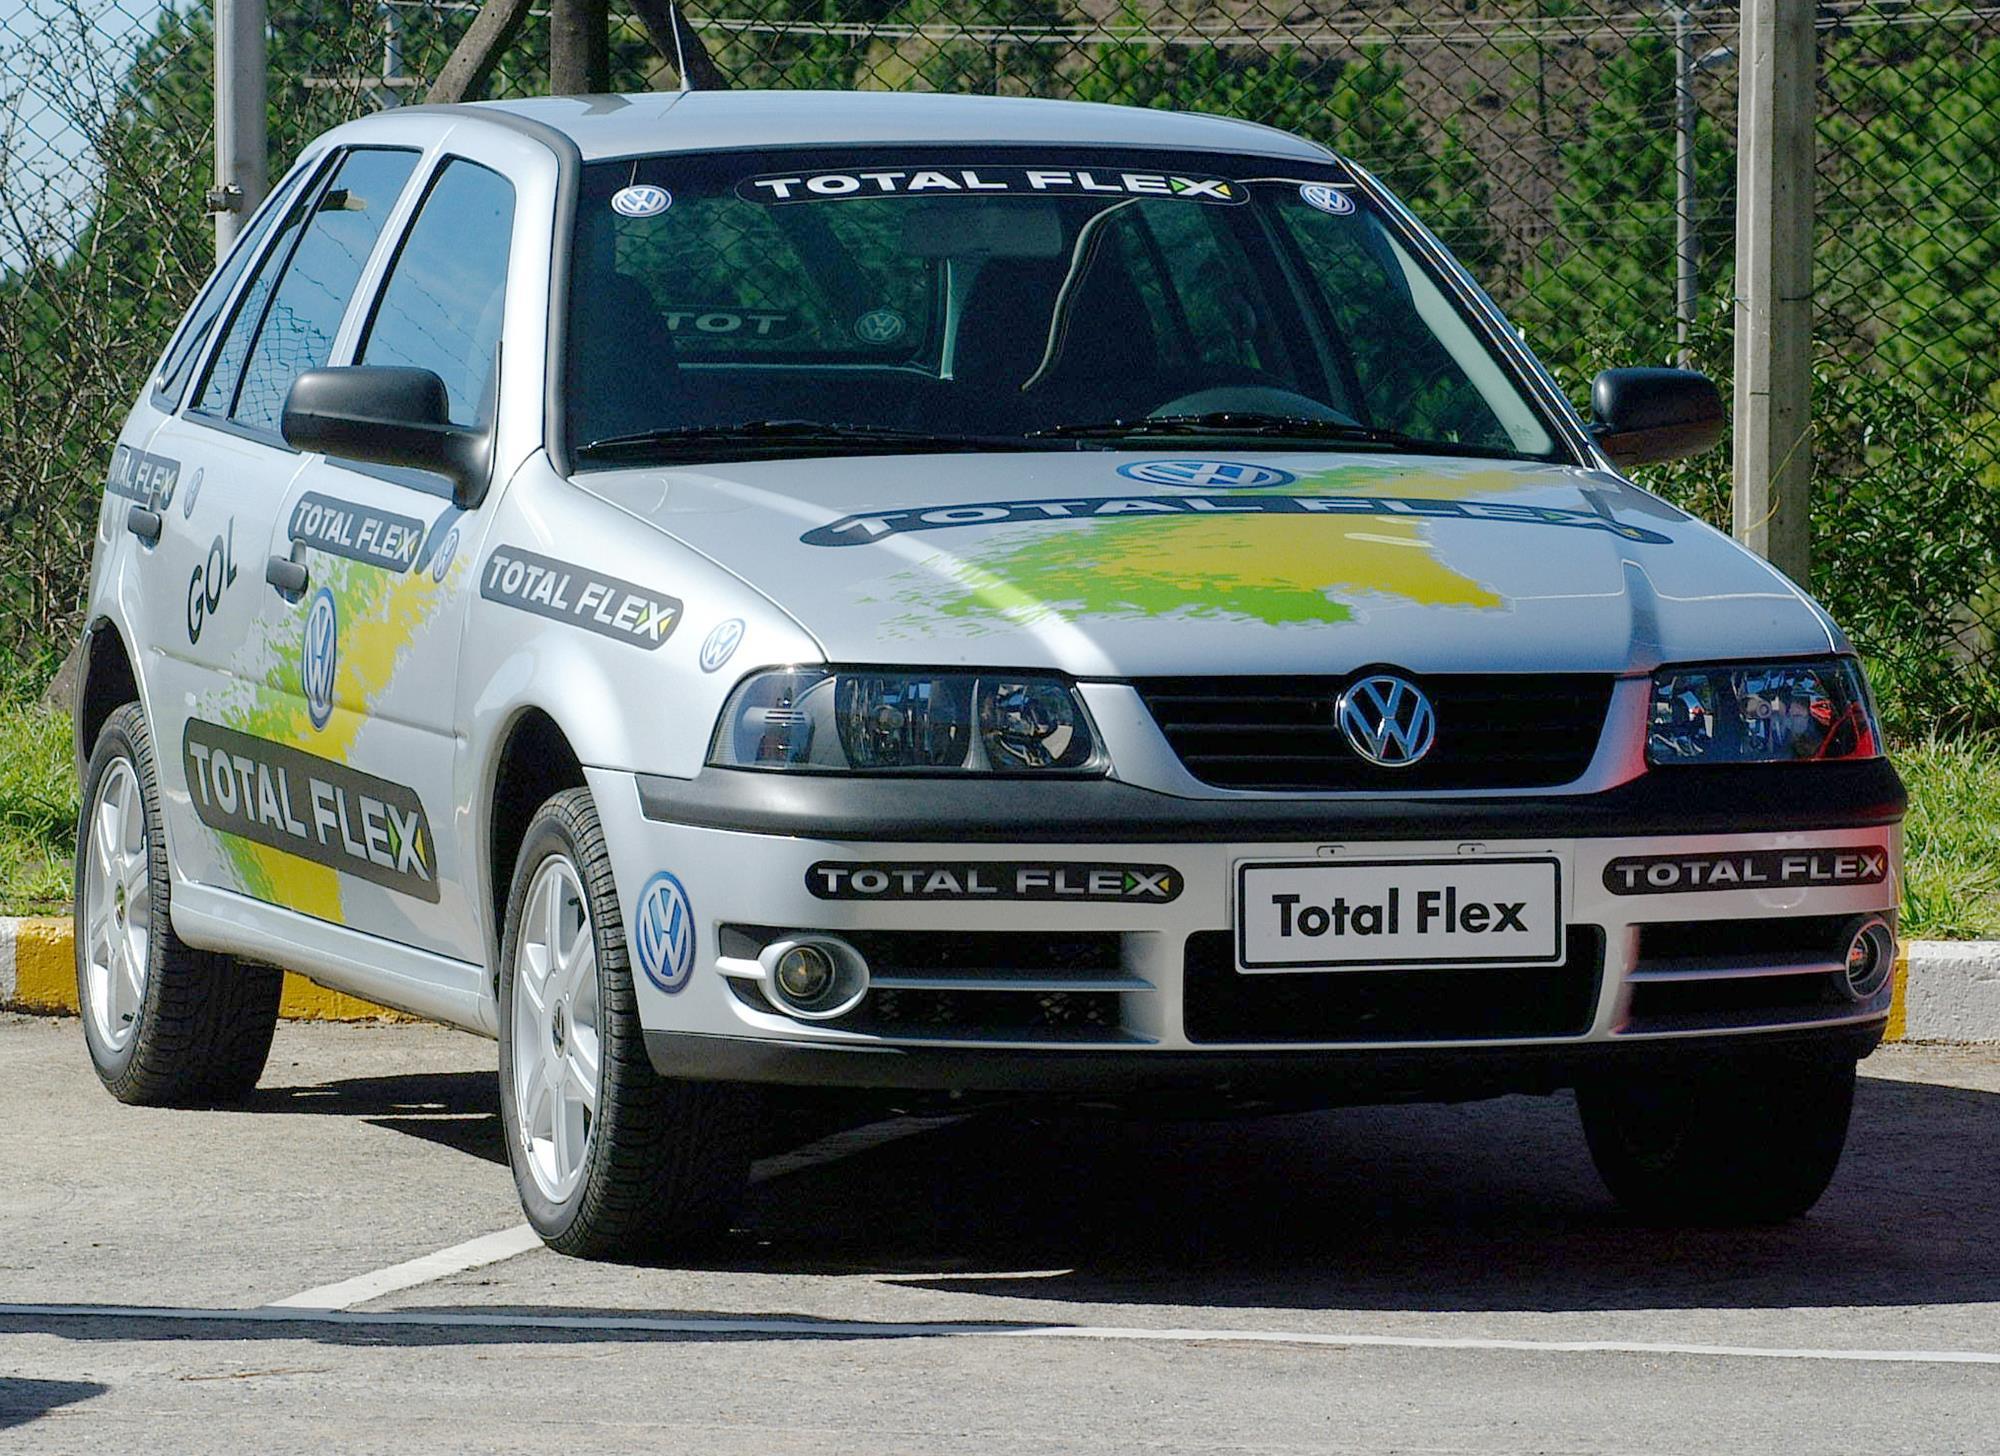 Gol Total Flex, o primeiro carro bicombustível feito no Brasil